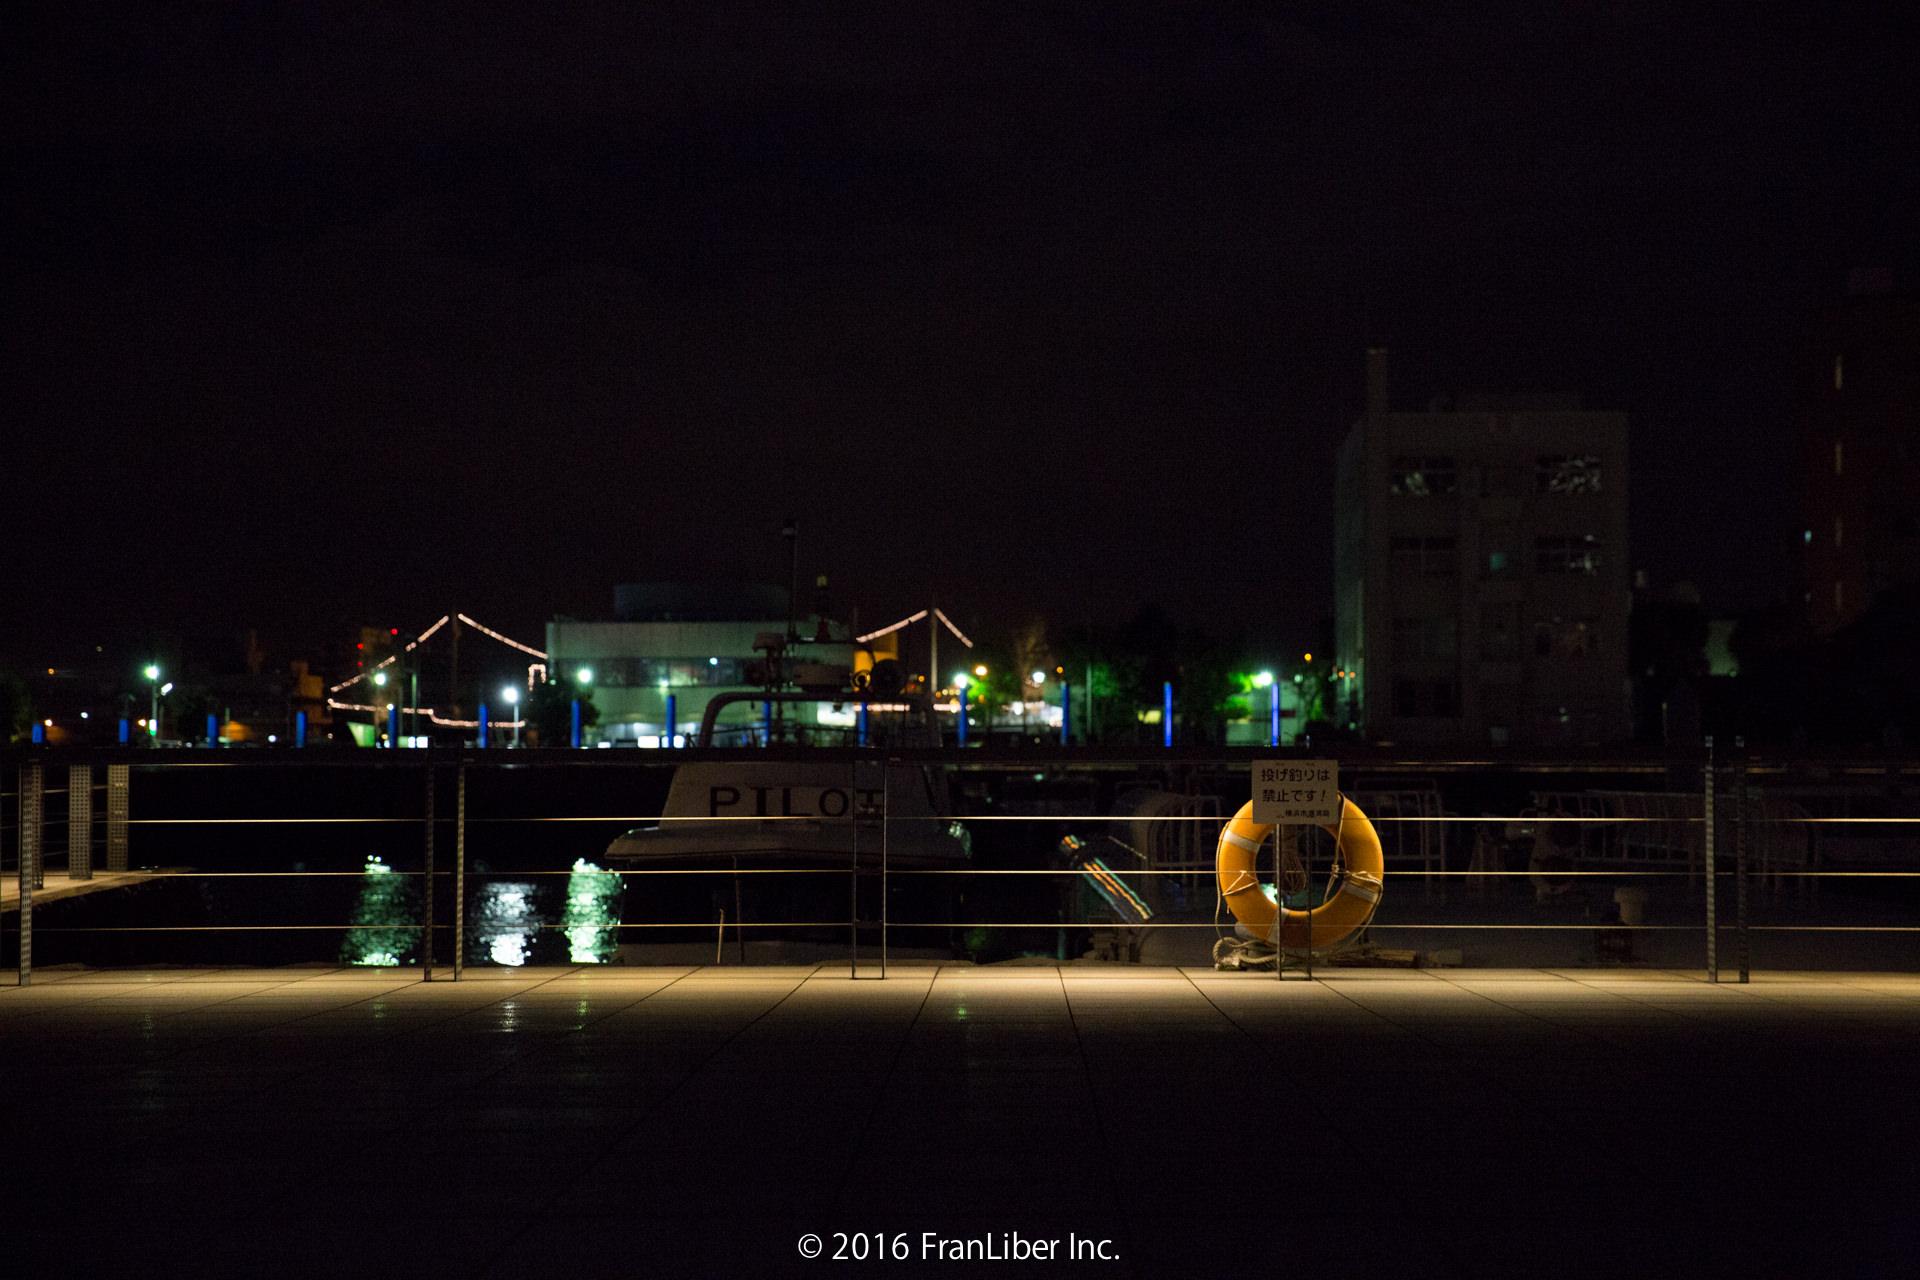 象の鼻パーク港の雰囲気が漂う象の鼻パーク